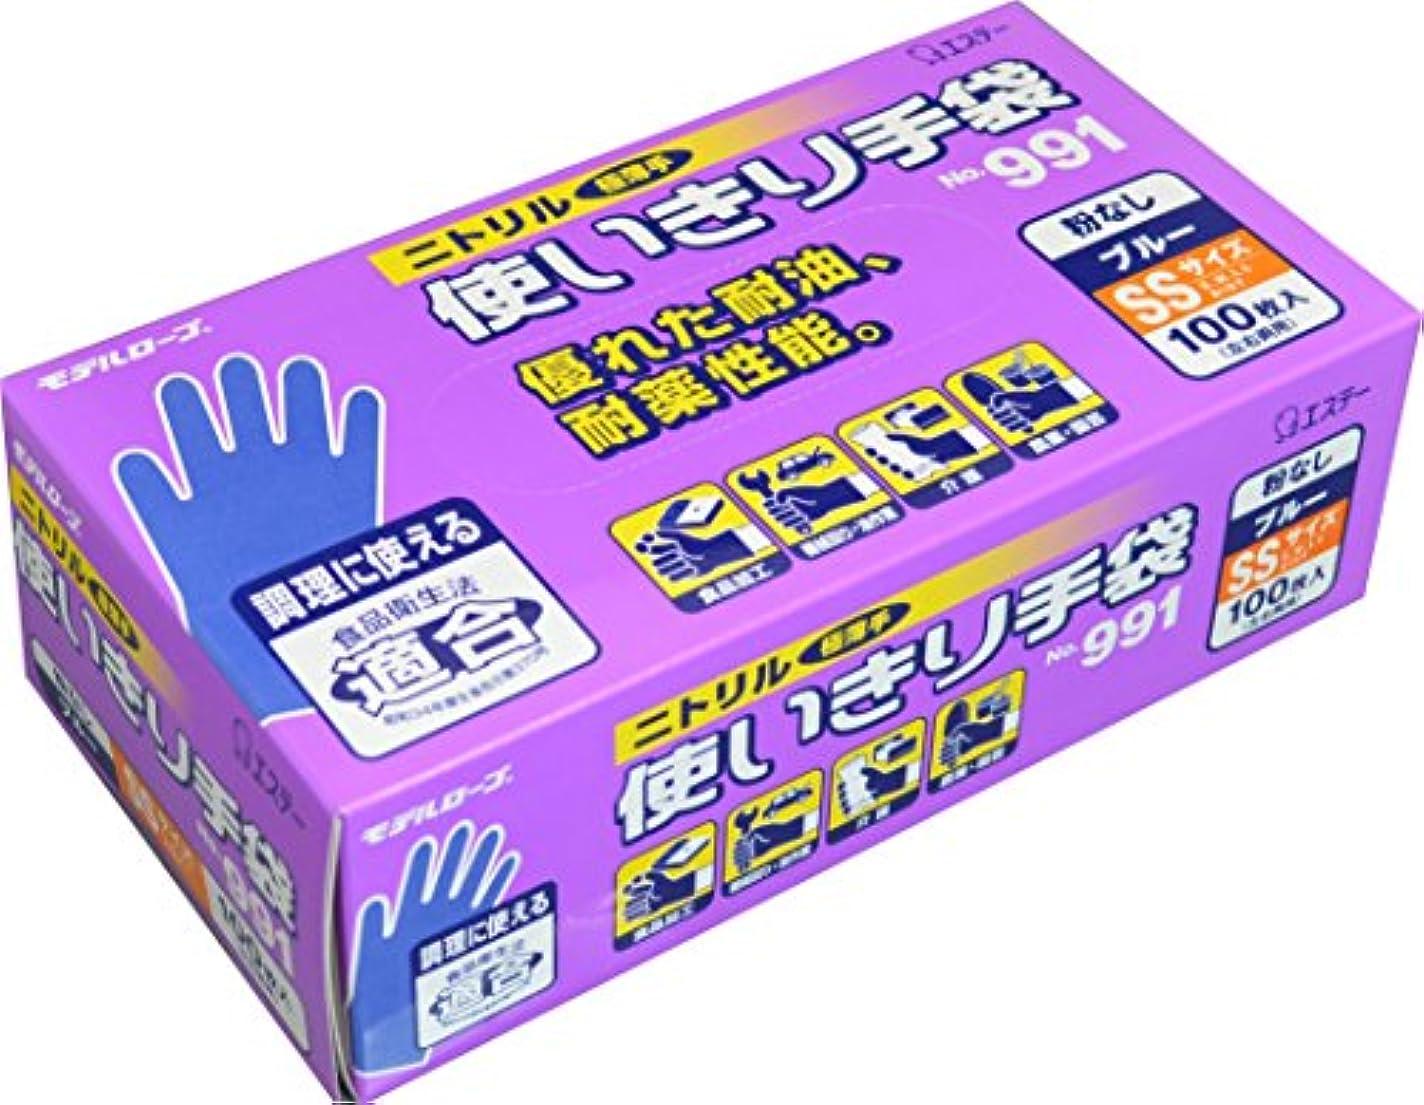 ウェーハ変える契約したモデルローブ NO991 ニトリル使い切り手袋 100枚 ブルー SS